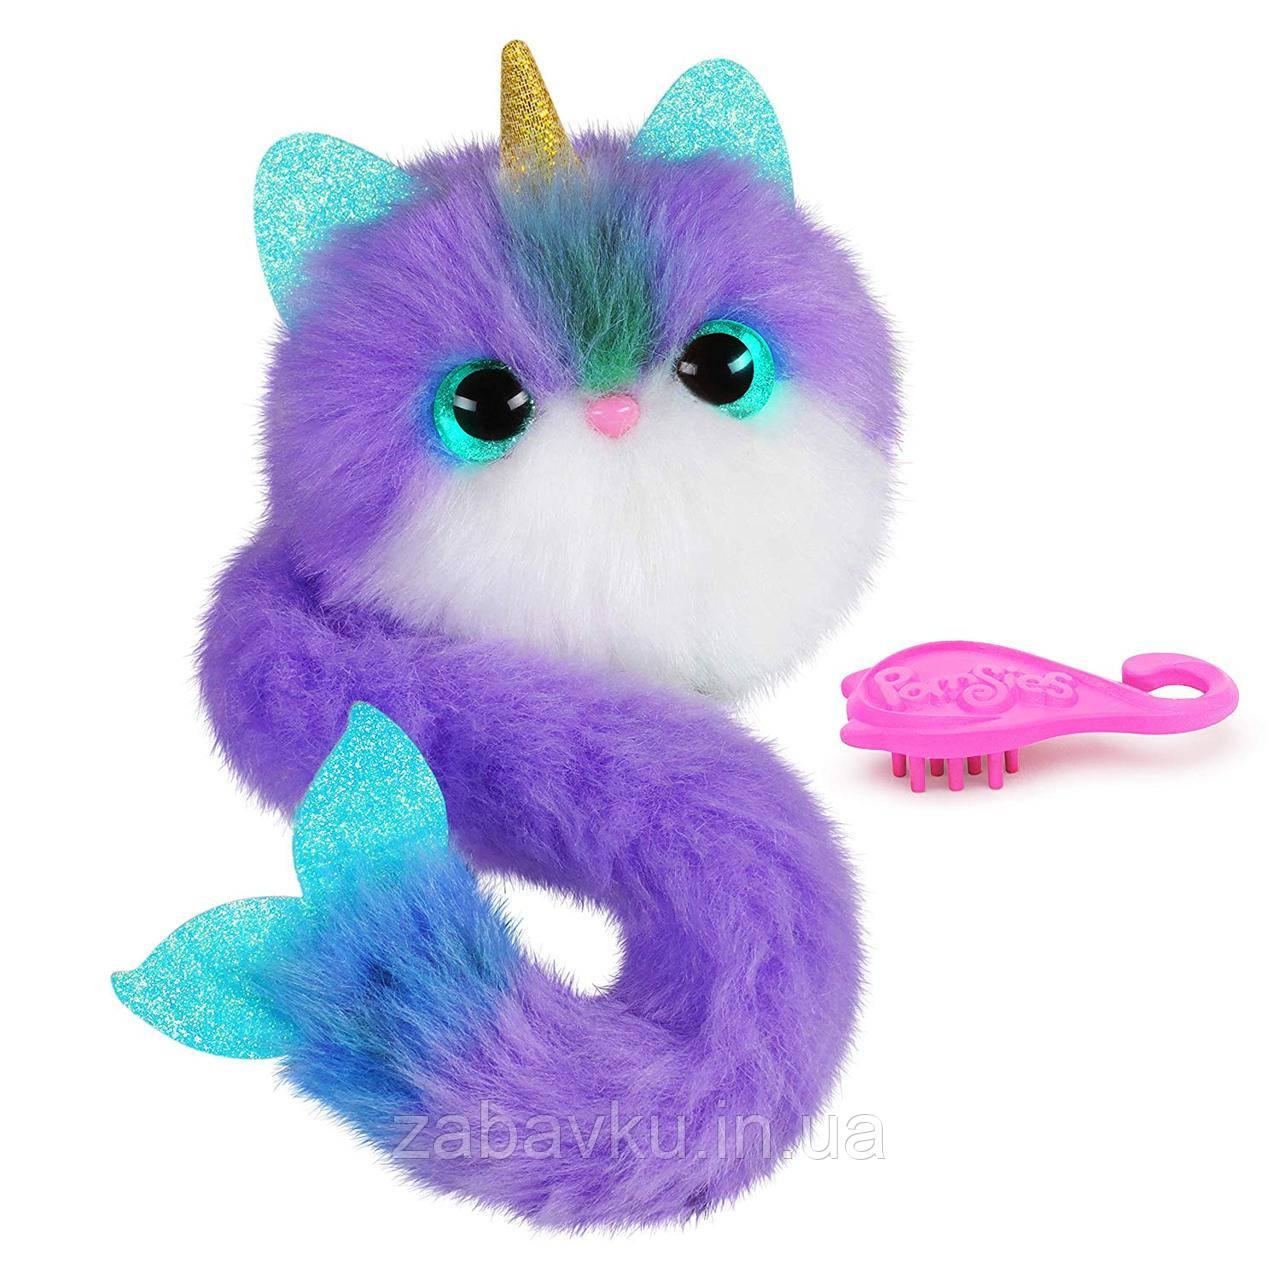 Інтерактивна кішка Помсі Pomsies Plush Interactive Toy  Skyrocket Pomsies Bubbles оригінал